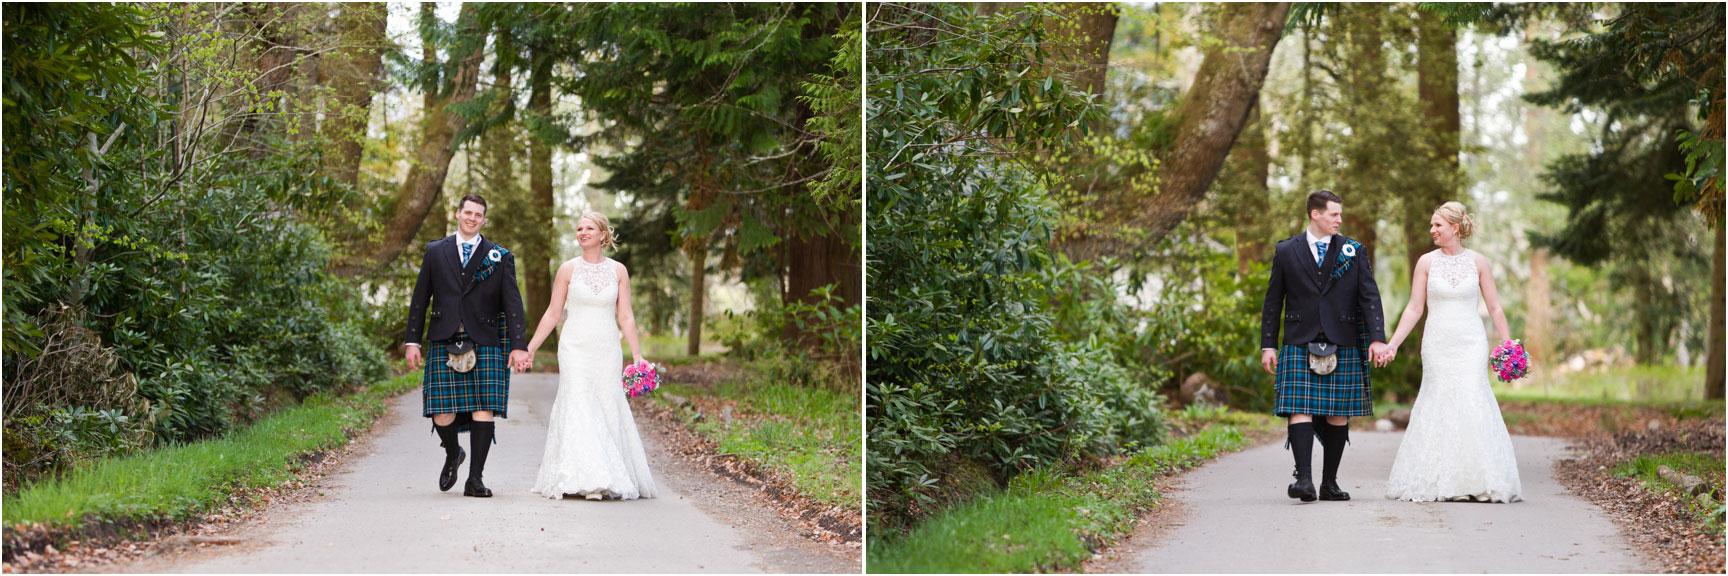 scottish-wedding-photographer